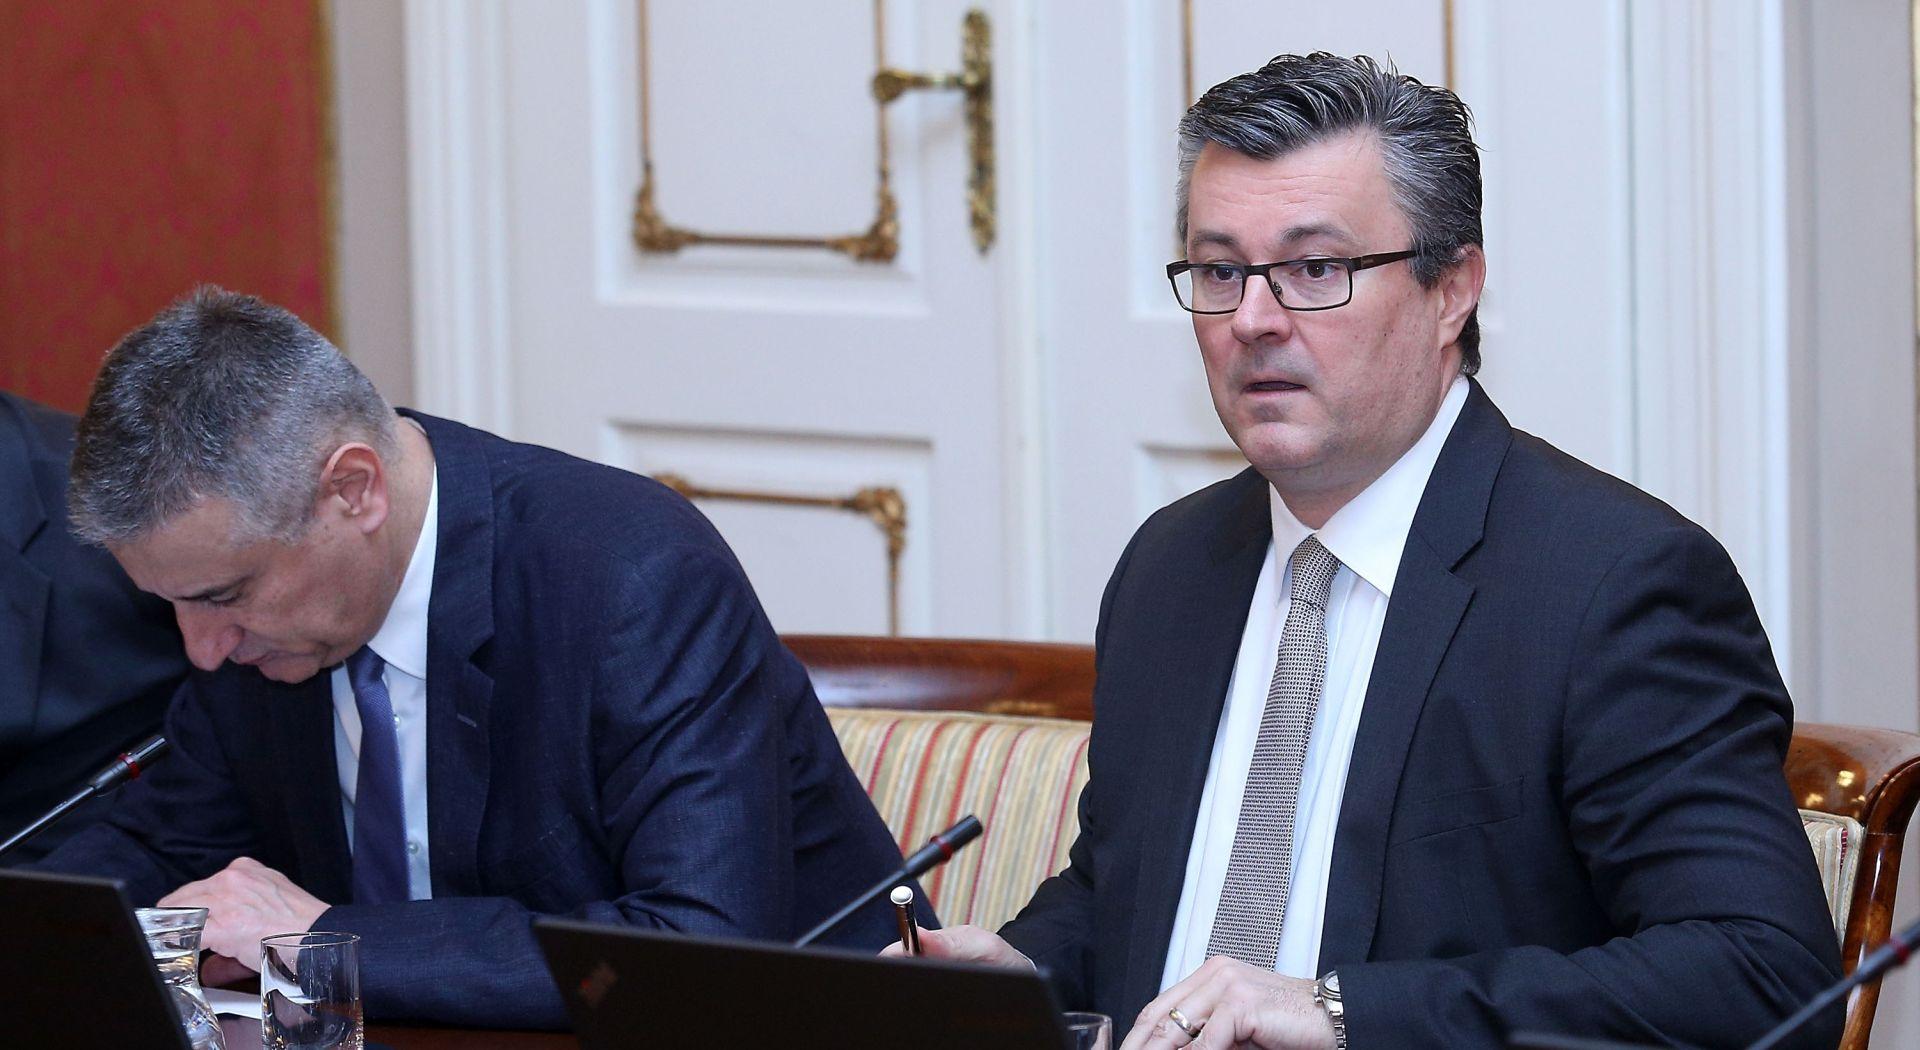 PRORAČUN 2016: Vlada prihvatila prijedlog proračuna uz deficit od 7,5 mlrd kn